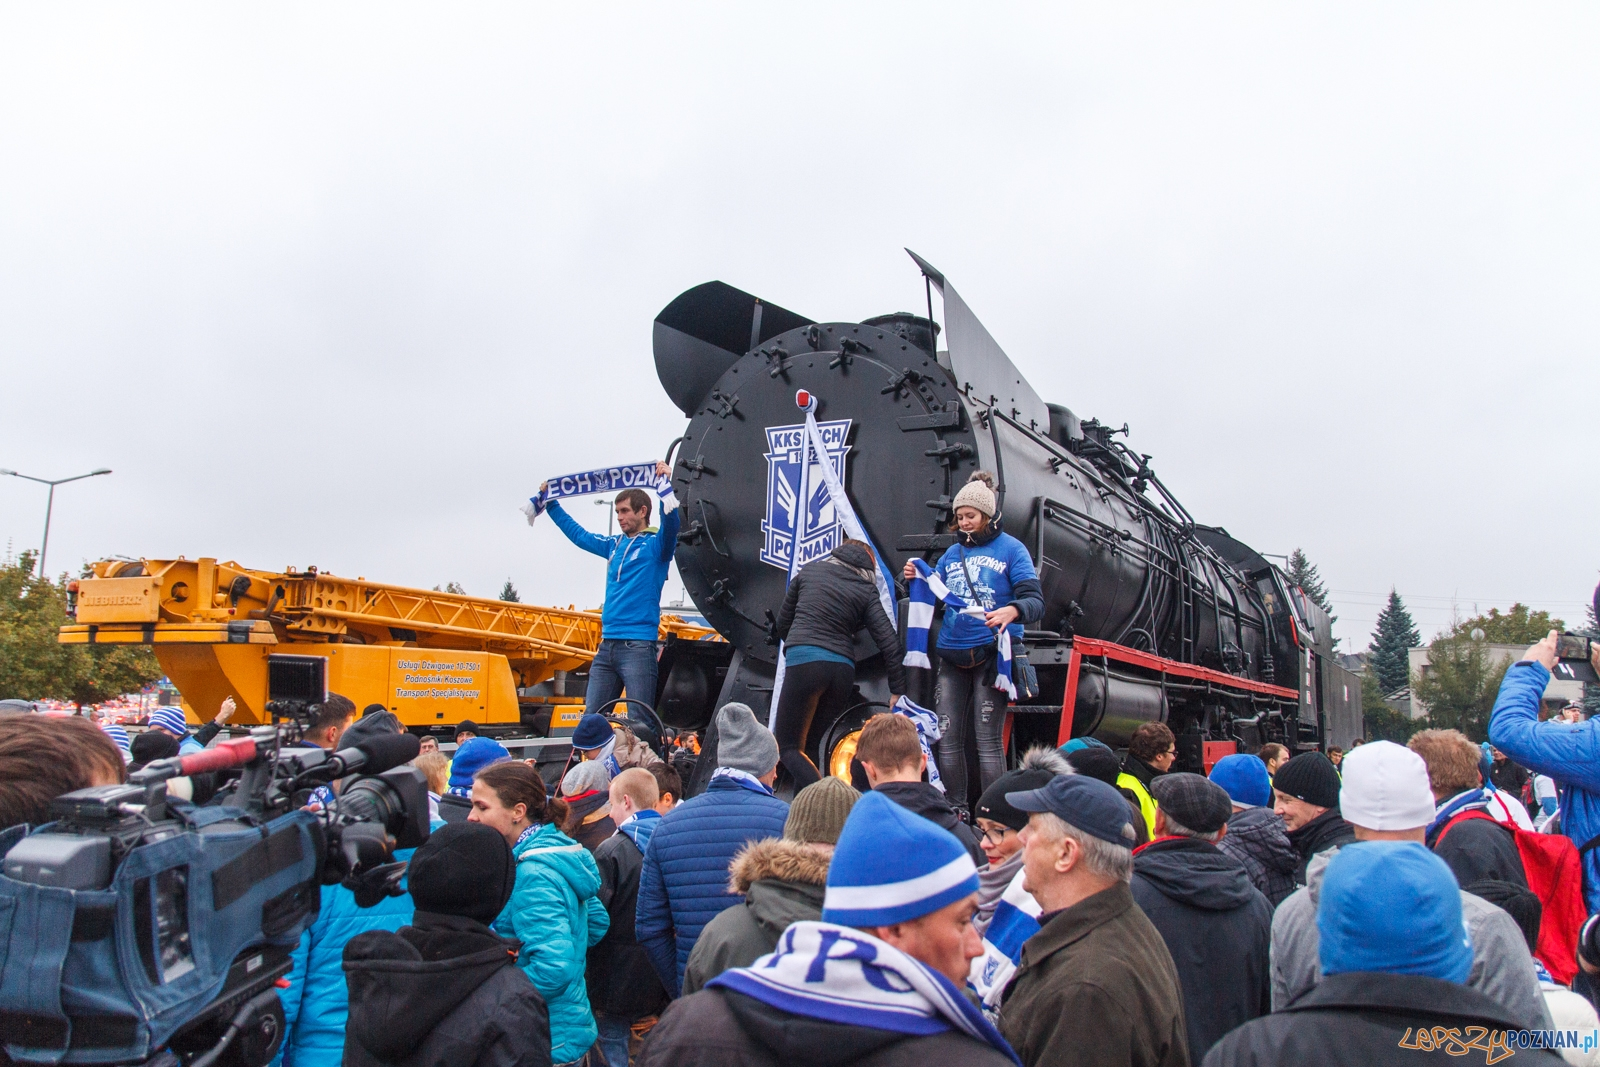 Razem tworzymy legendę - chrzest bojowy Ty51-183 - Inea Stadion  Foto: LepszyPOZNAN.pl / Paweł Rychter